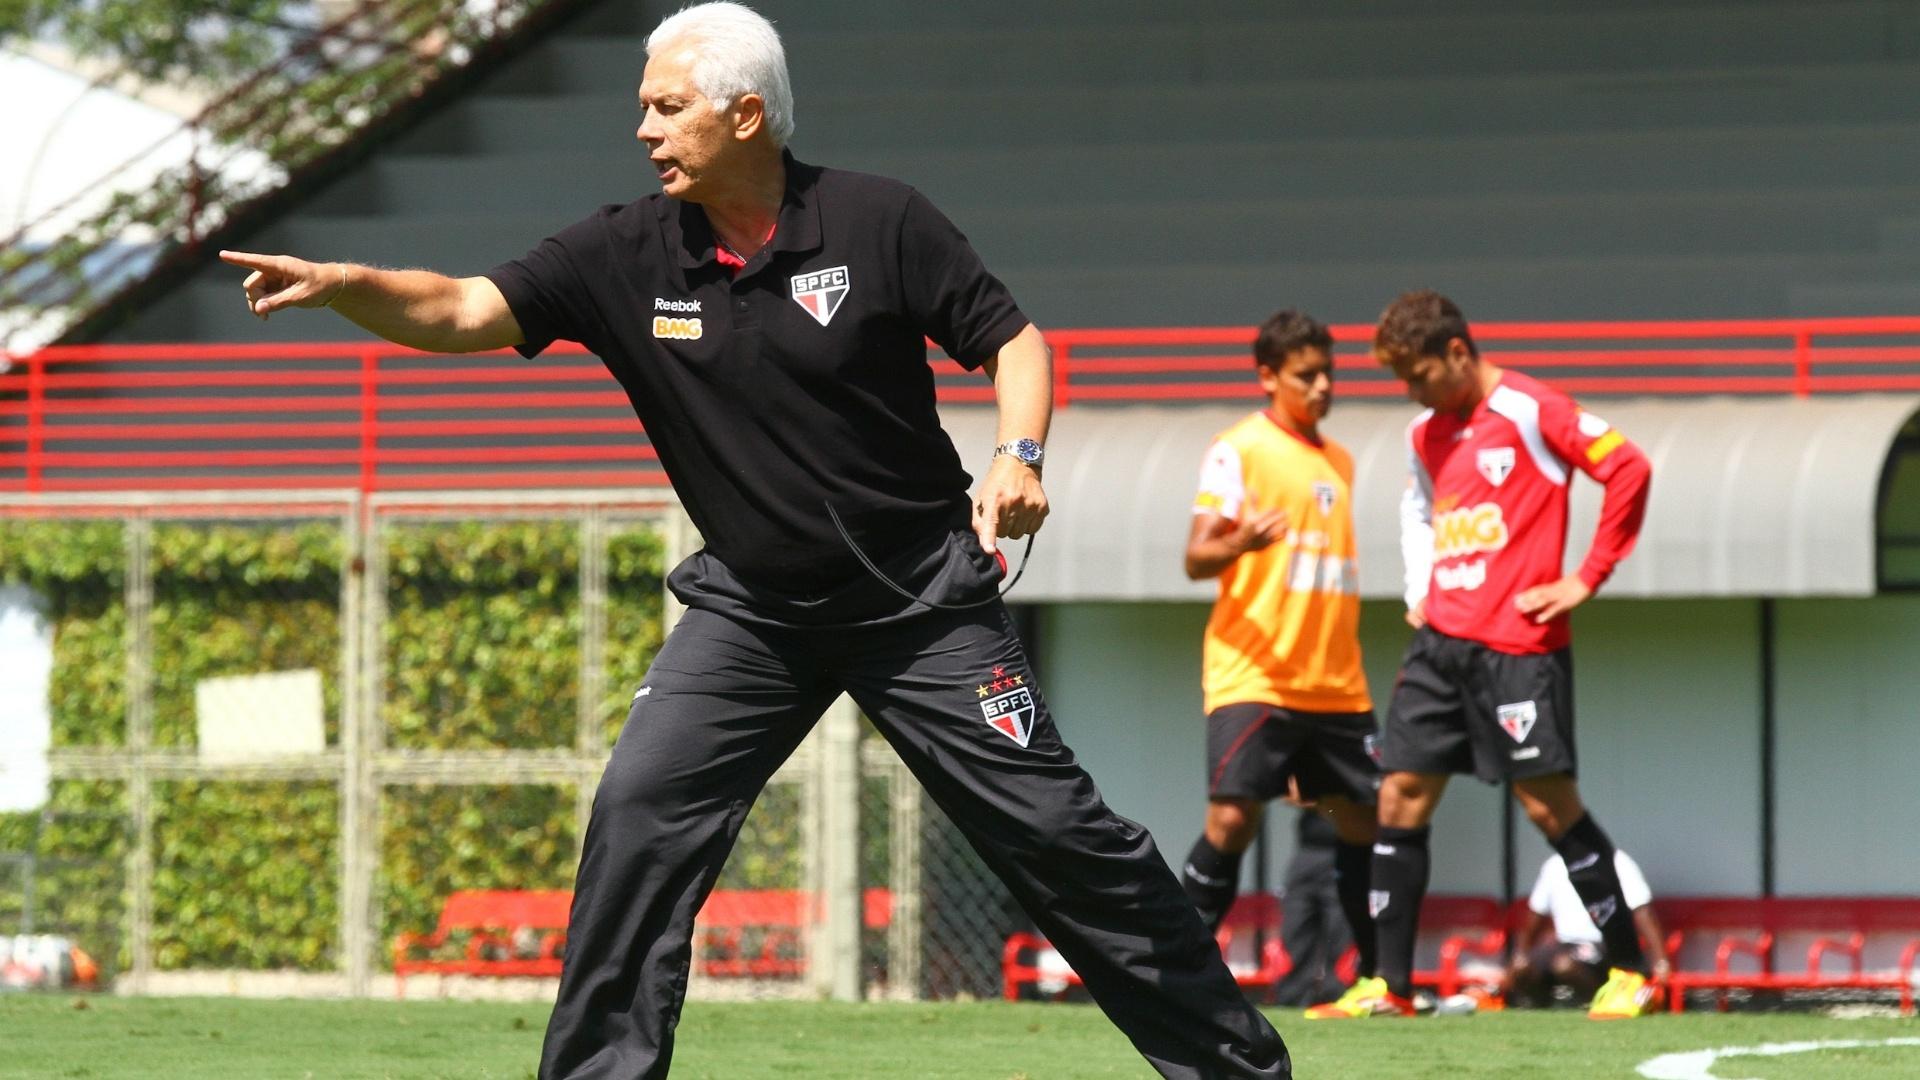 Leão dá instruções aos atletas em treino do São Paulo (25/11/2011)